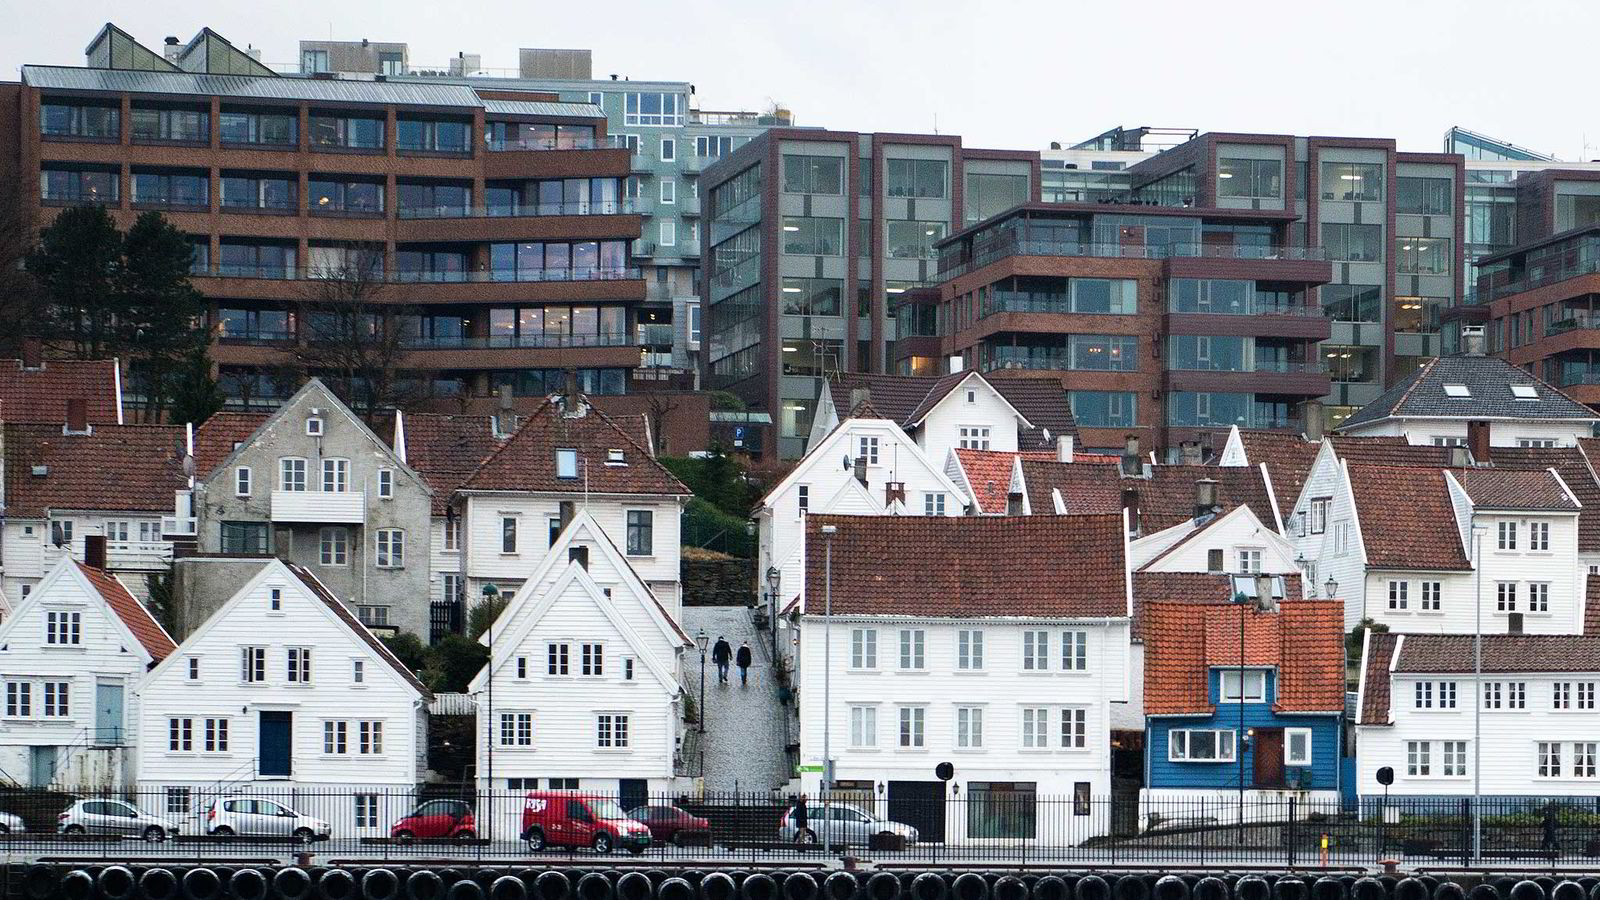 - Vi har fått kjøpers marked i Stavanger, fastslår administrerende direktør Terje Halvrosen i DNB Eiendom.